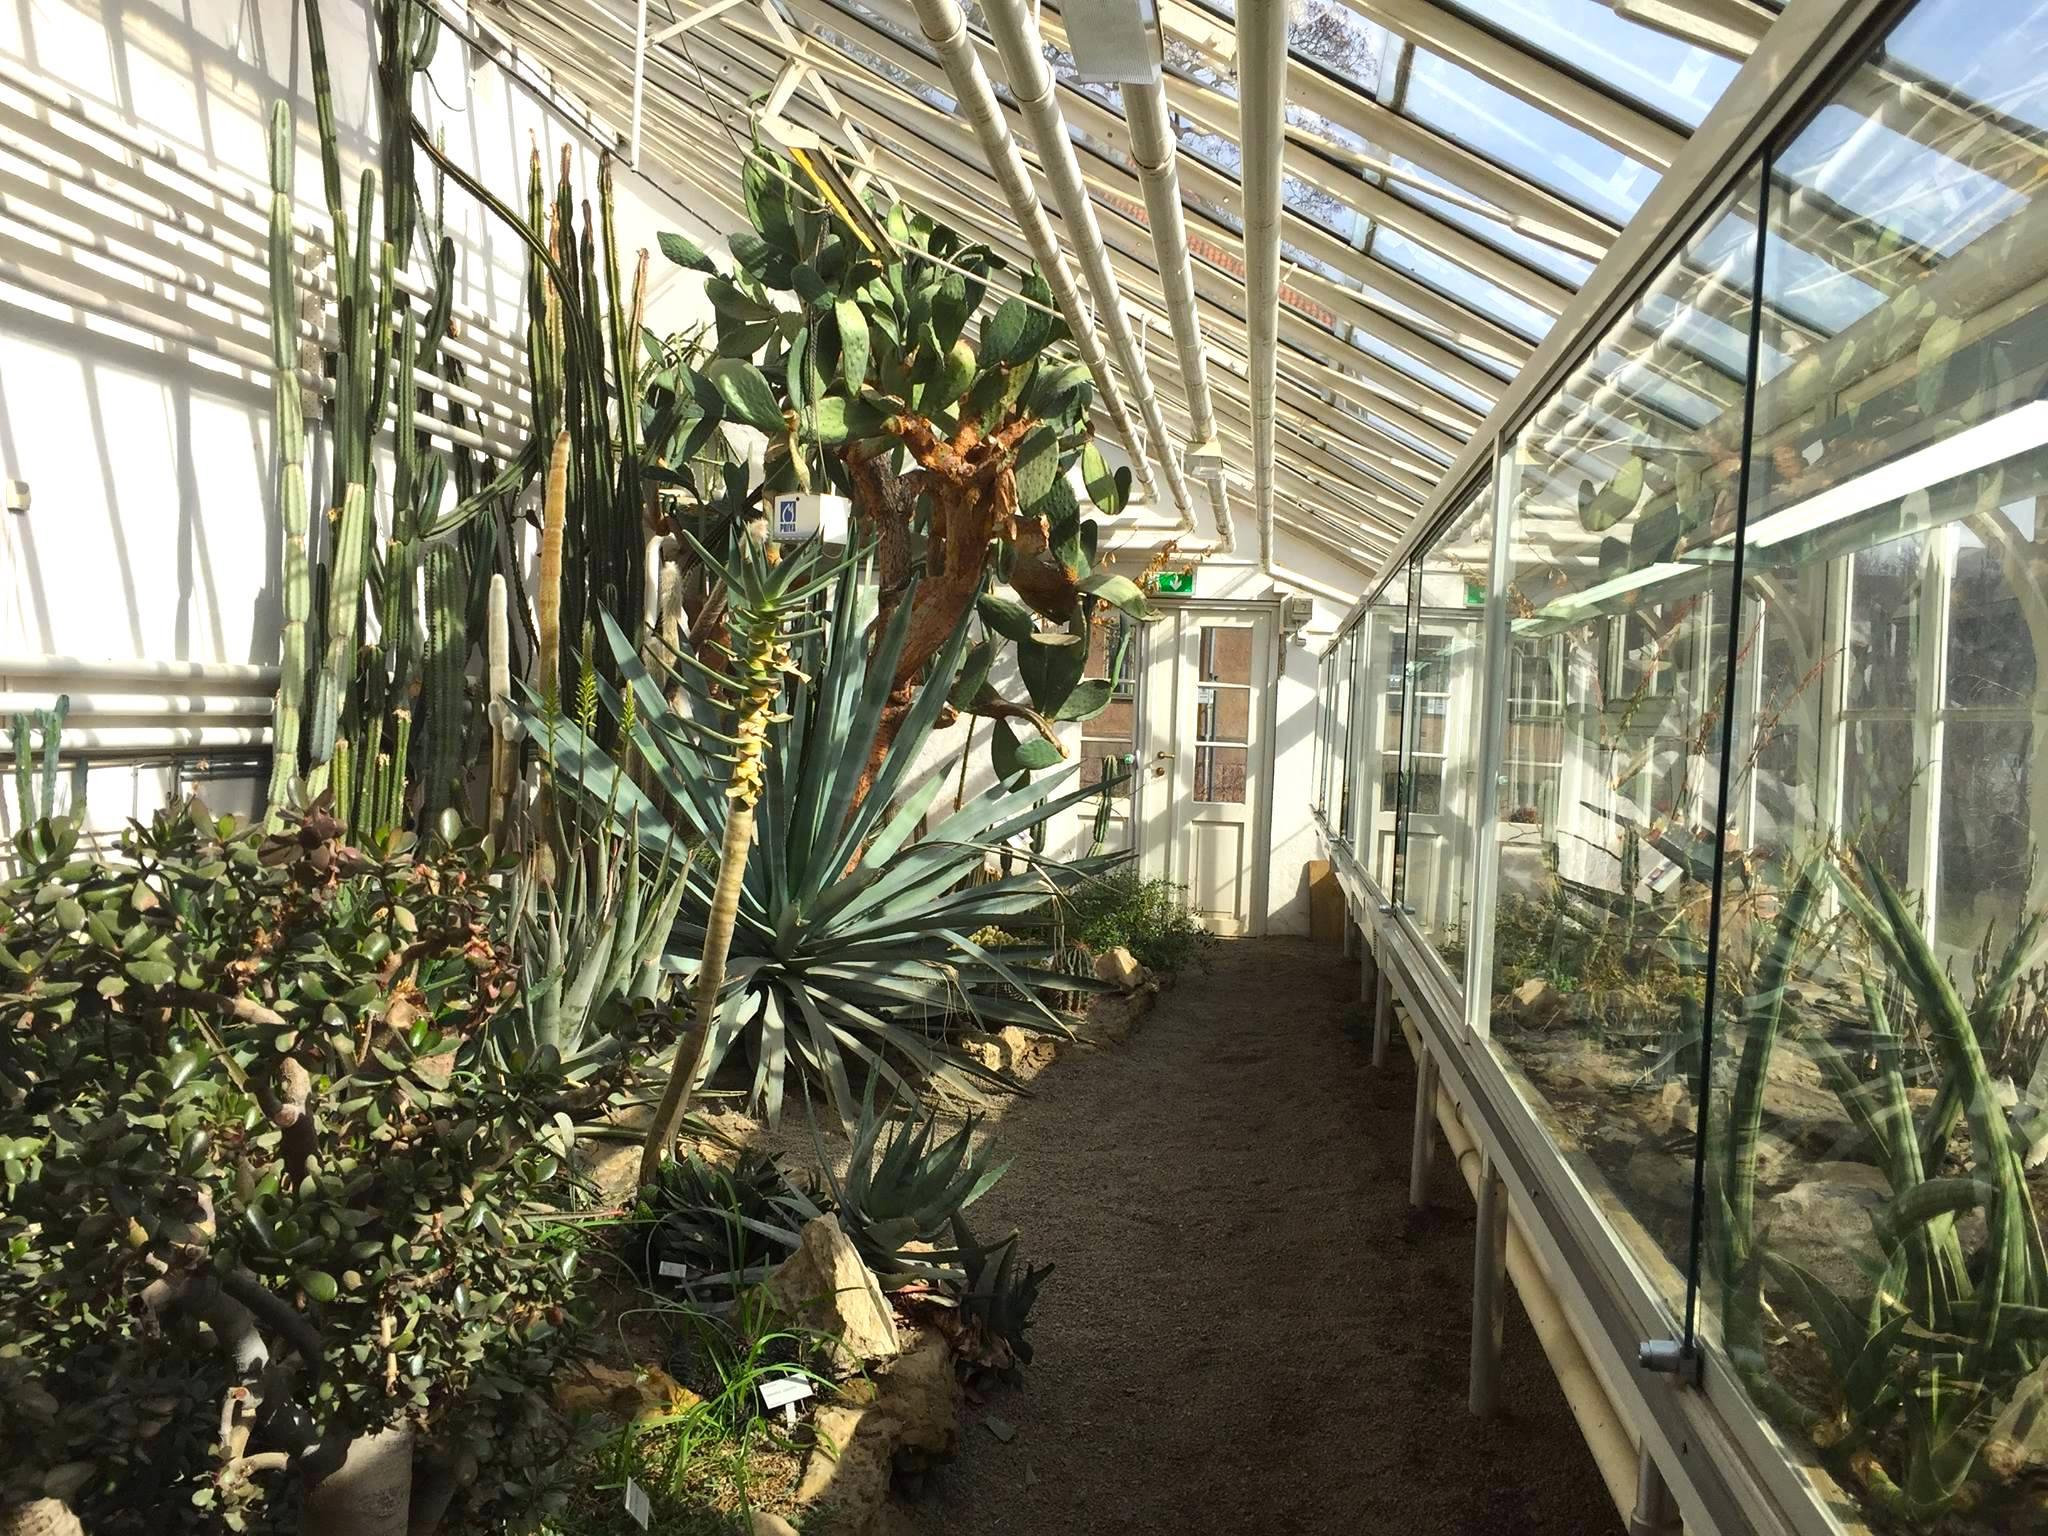 Veksthusene i Botanisk Hage har karbonfrie kaktuser.